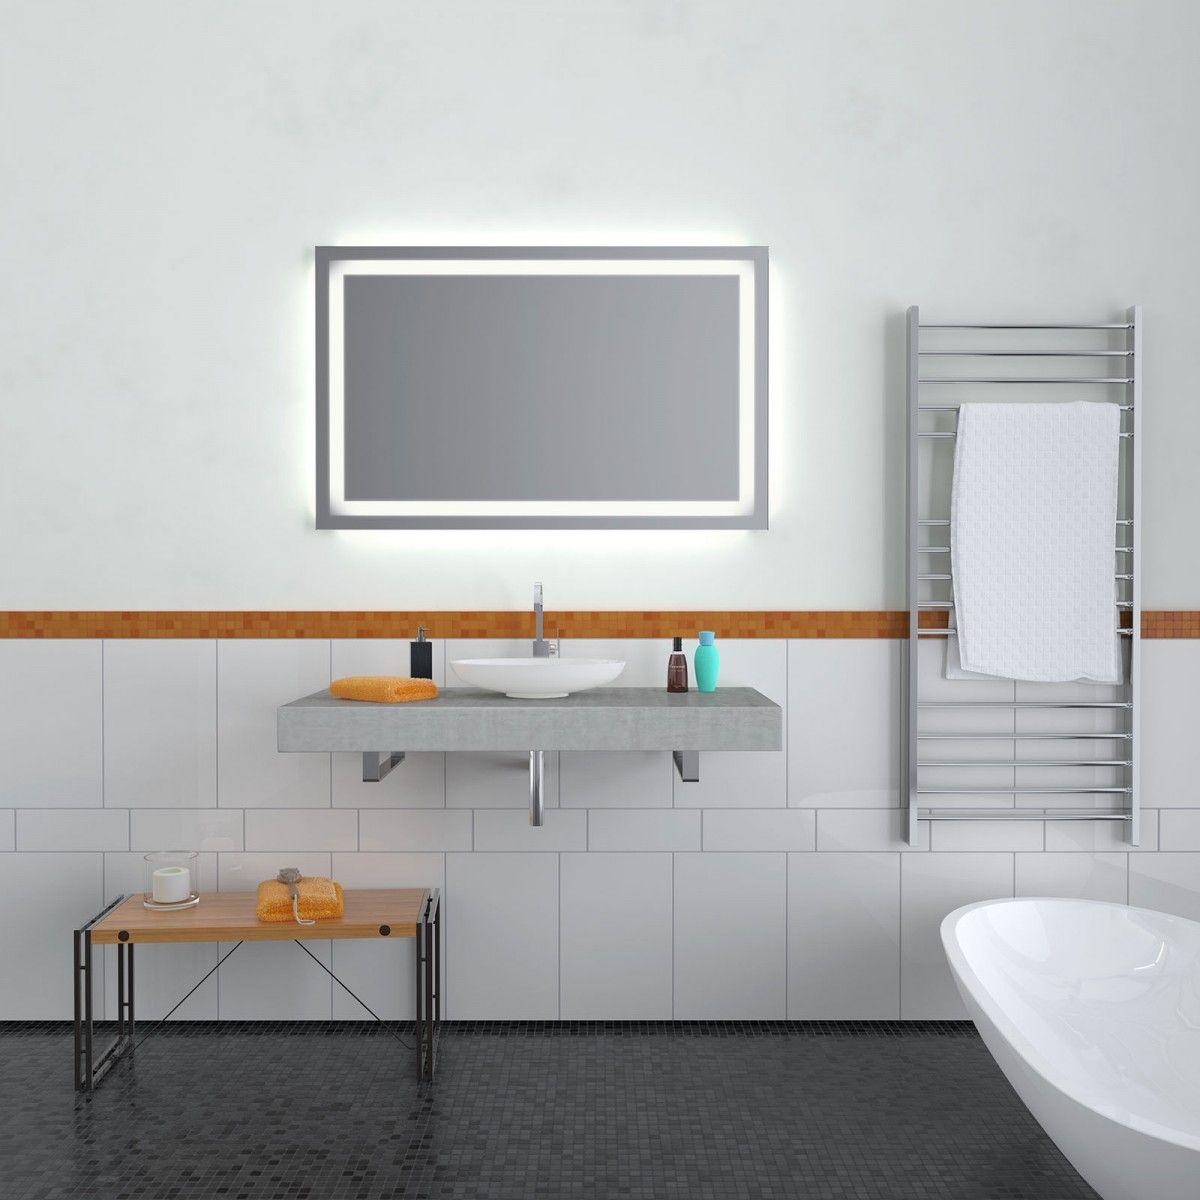 Http Www Trenvay Com Ledli Banyo Aynasi Pmu274 Badezimmerspiegel Lampe Badezimmer Badezimmer 80er